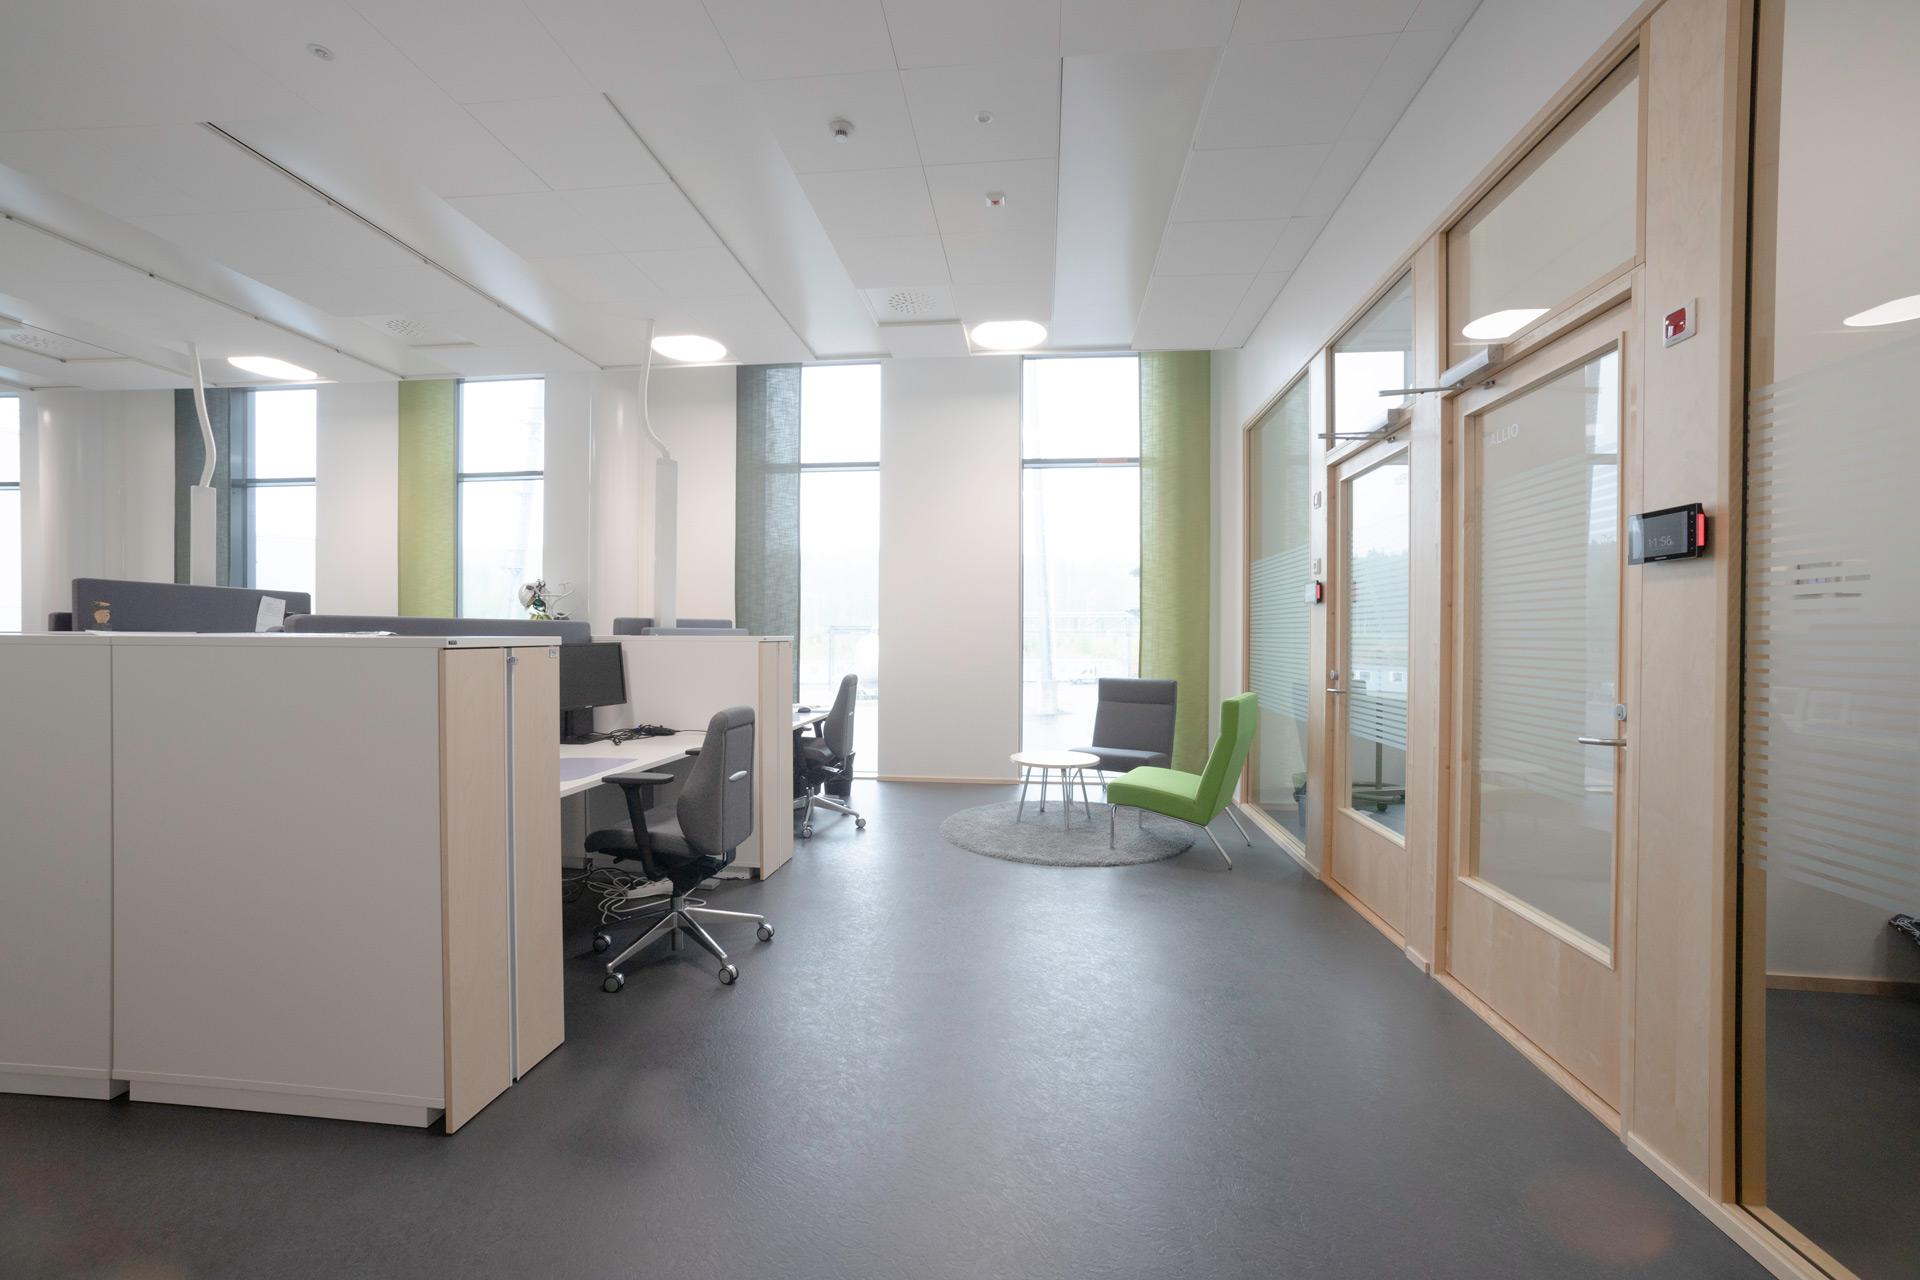 Metsä group toimistotilat, näkymä sisältä